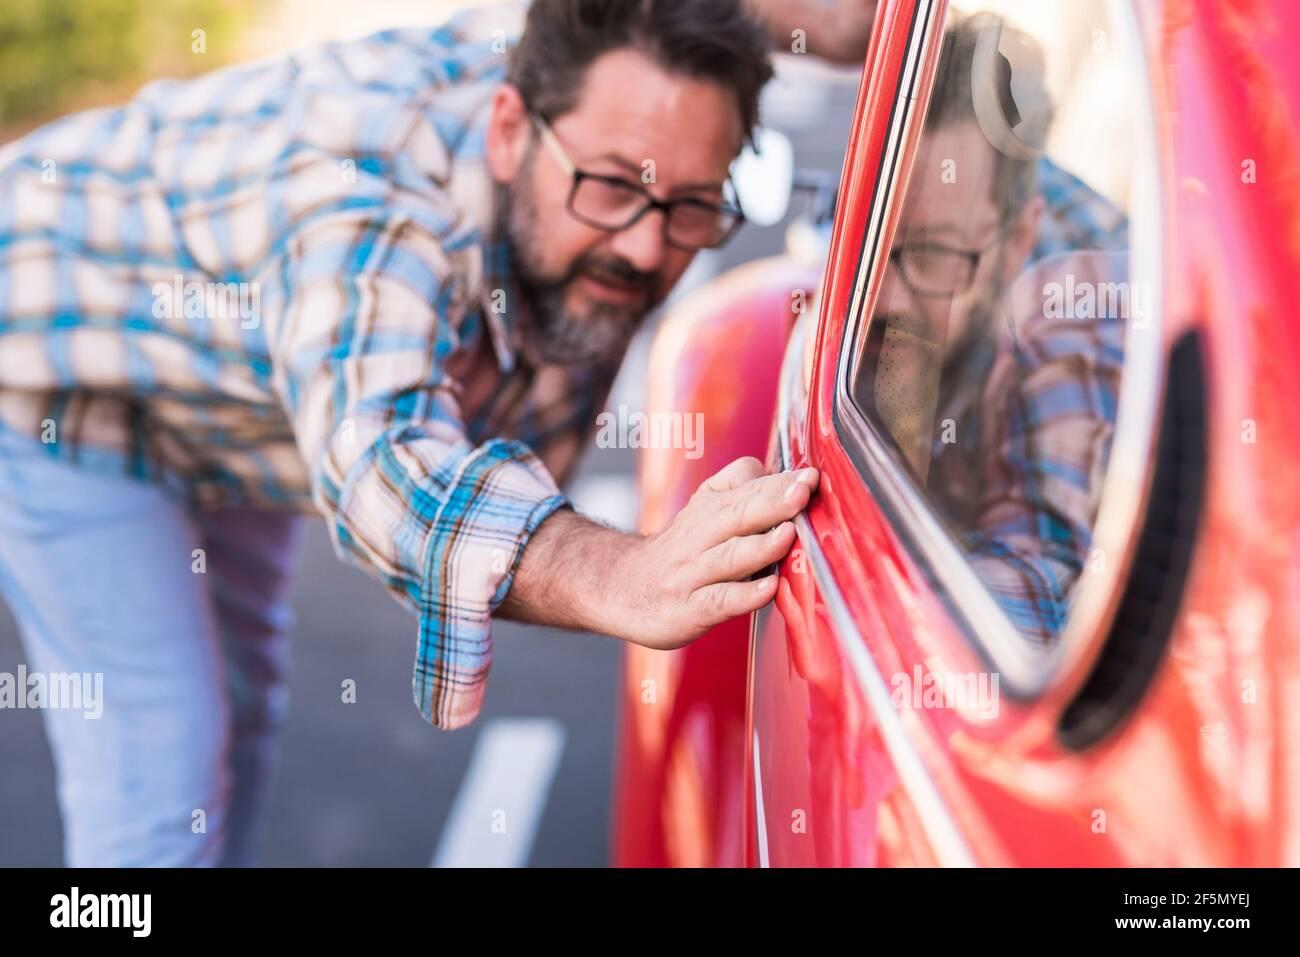 L'homme de taille basse barbu adulte vérifie le vernis de son beau voiture extérieure - les gens et le transport automobile amour et soin concept - le conducteur regarde Banque D'Images